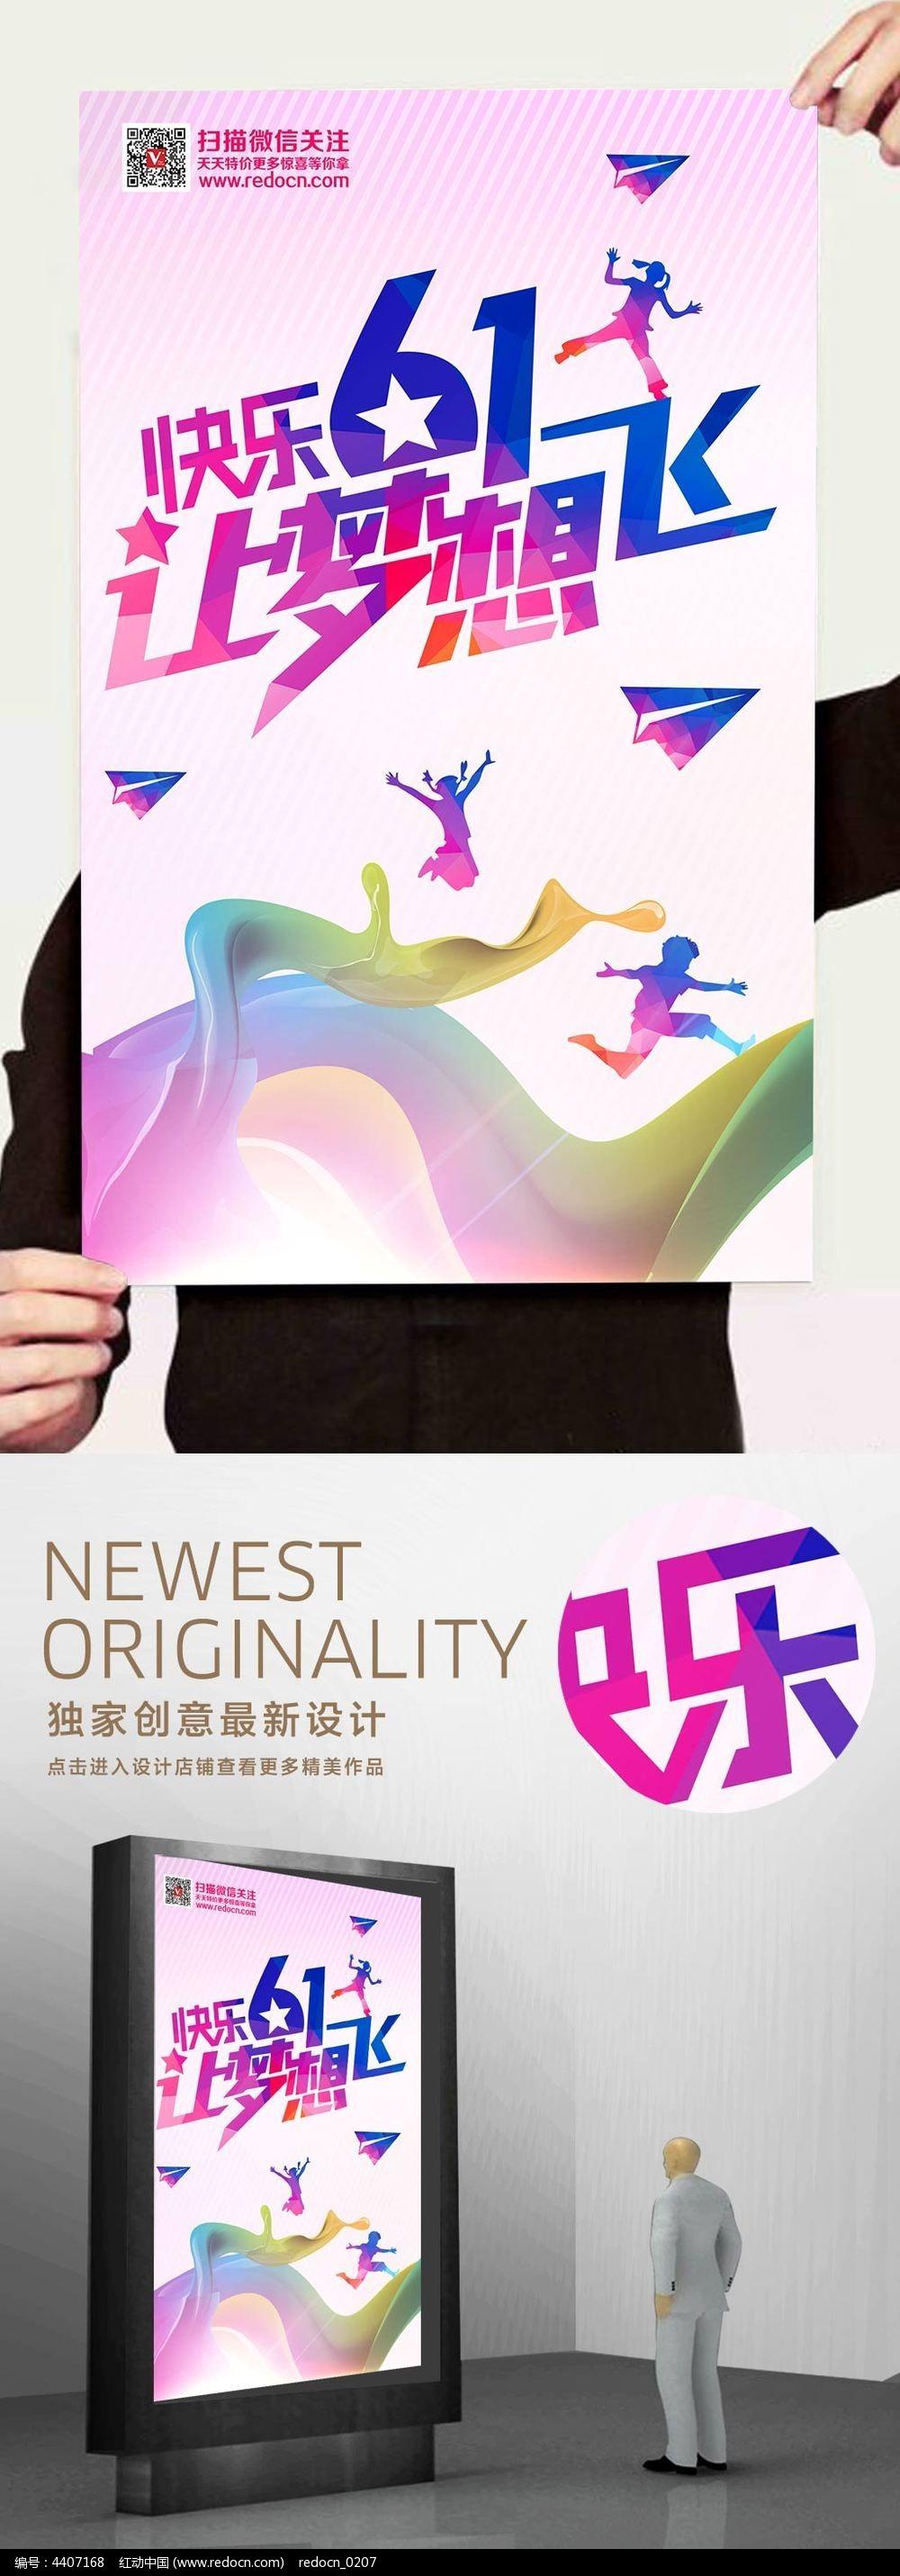 快乐61让梦想飞创意海报设计图片